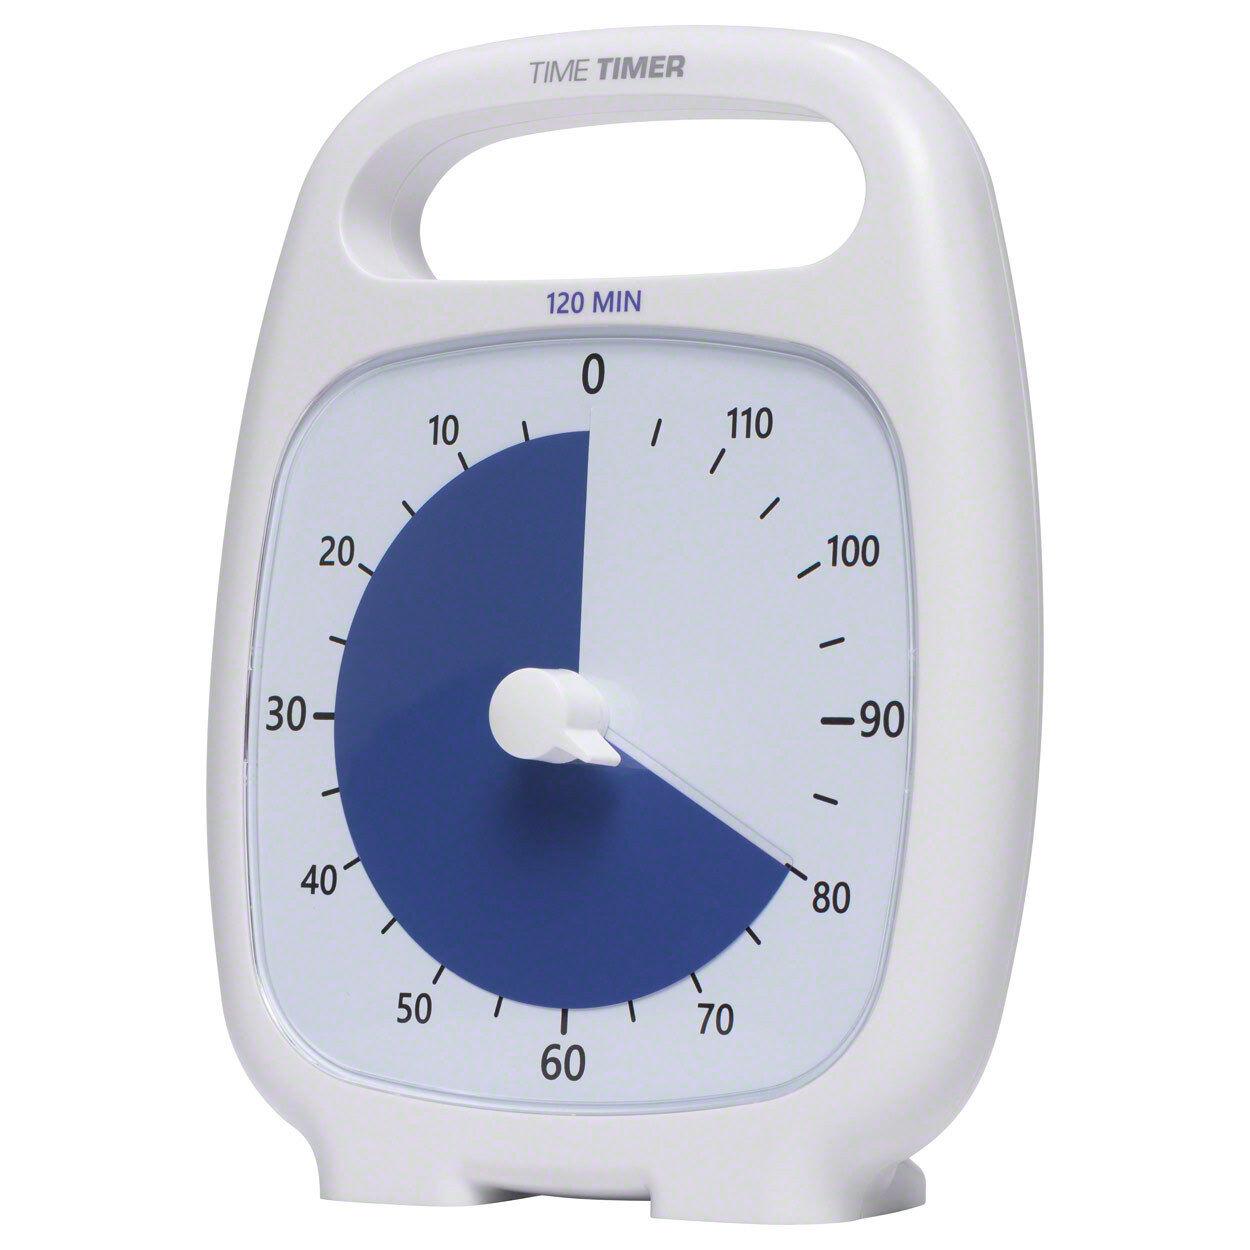 Time Timer Plus Tischuhr mit akustischem Signal, 120 Min., 14x18 cm